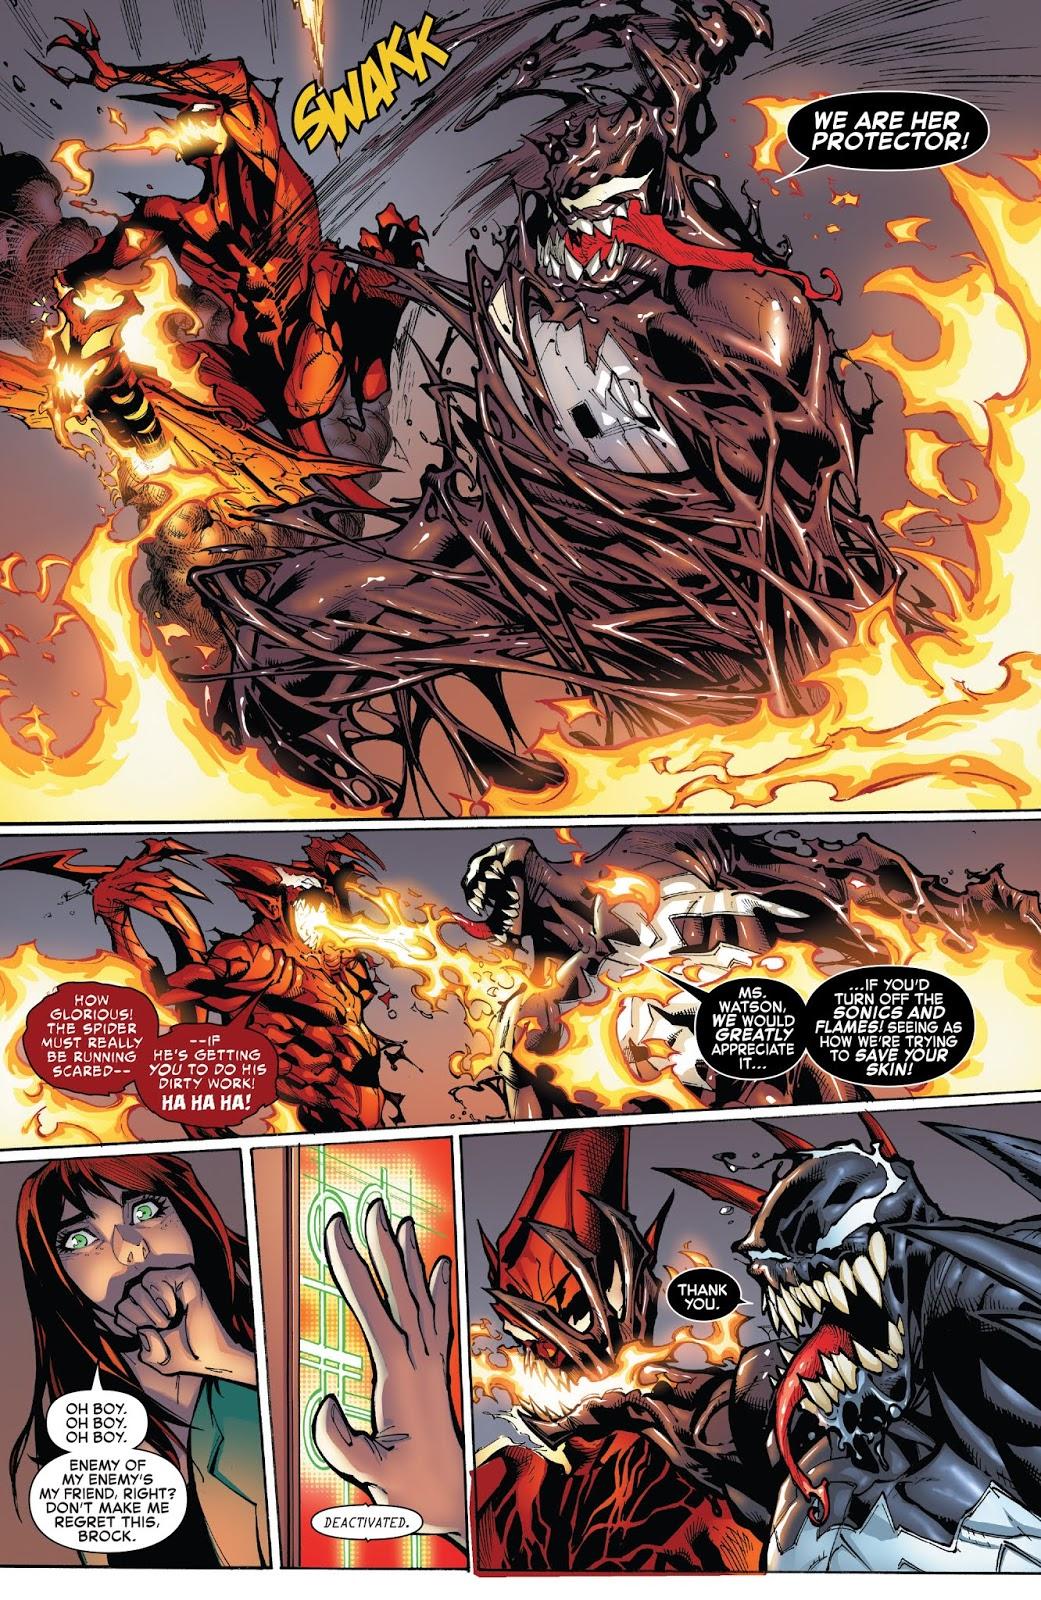 U Spiderman Spider-Man And ...